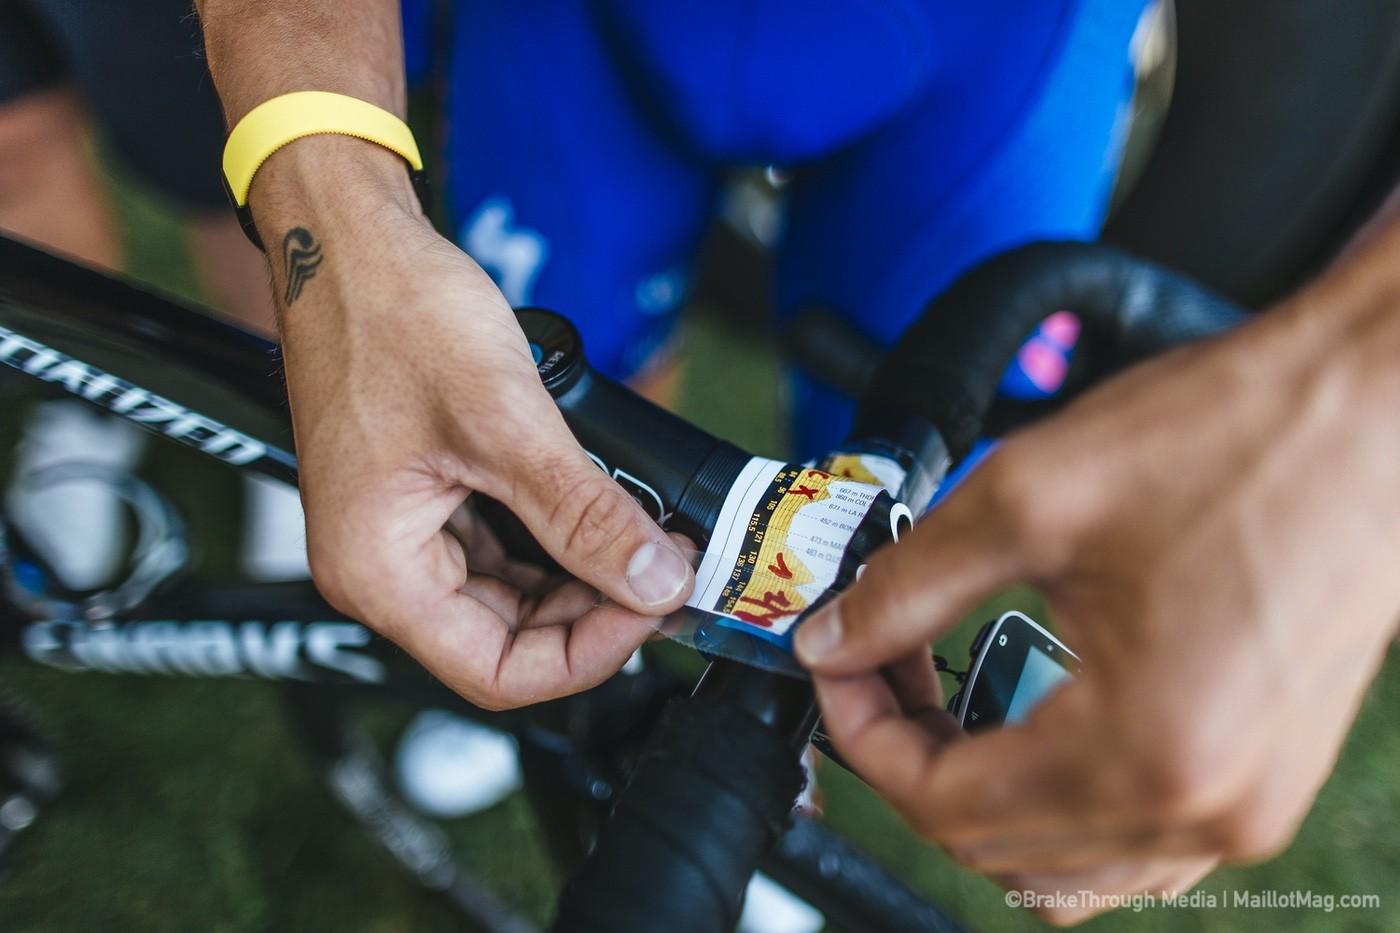 Perfil de etapa en la potencia de una bici de un ciclista profesional